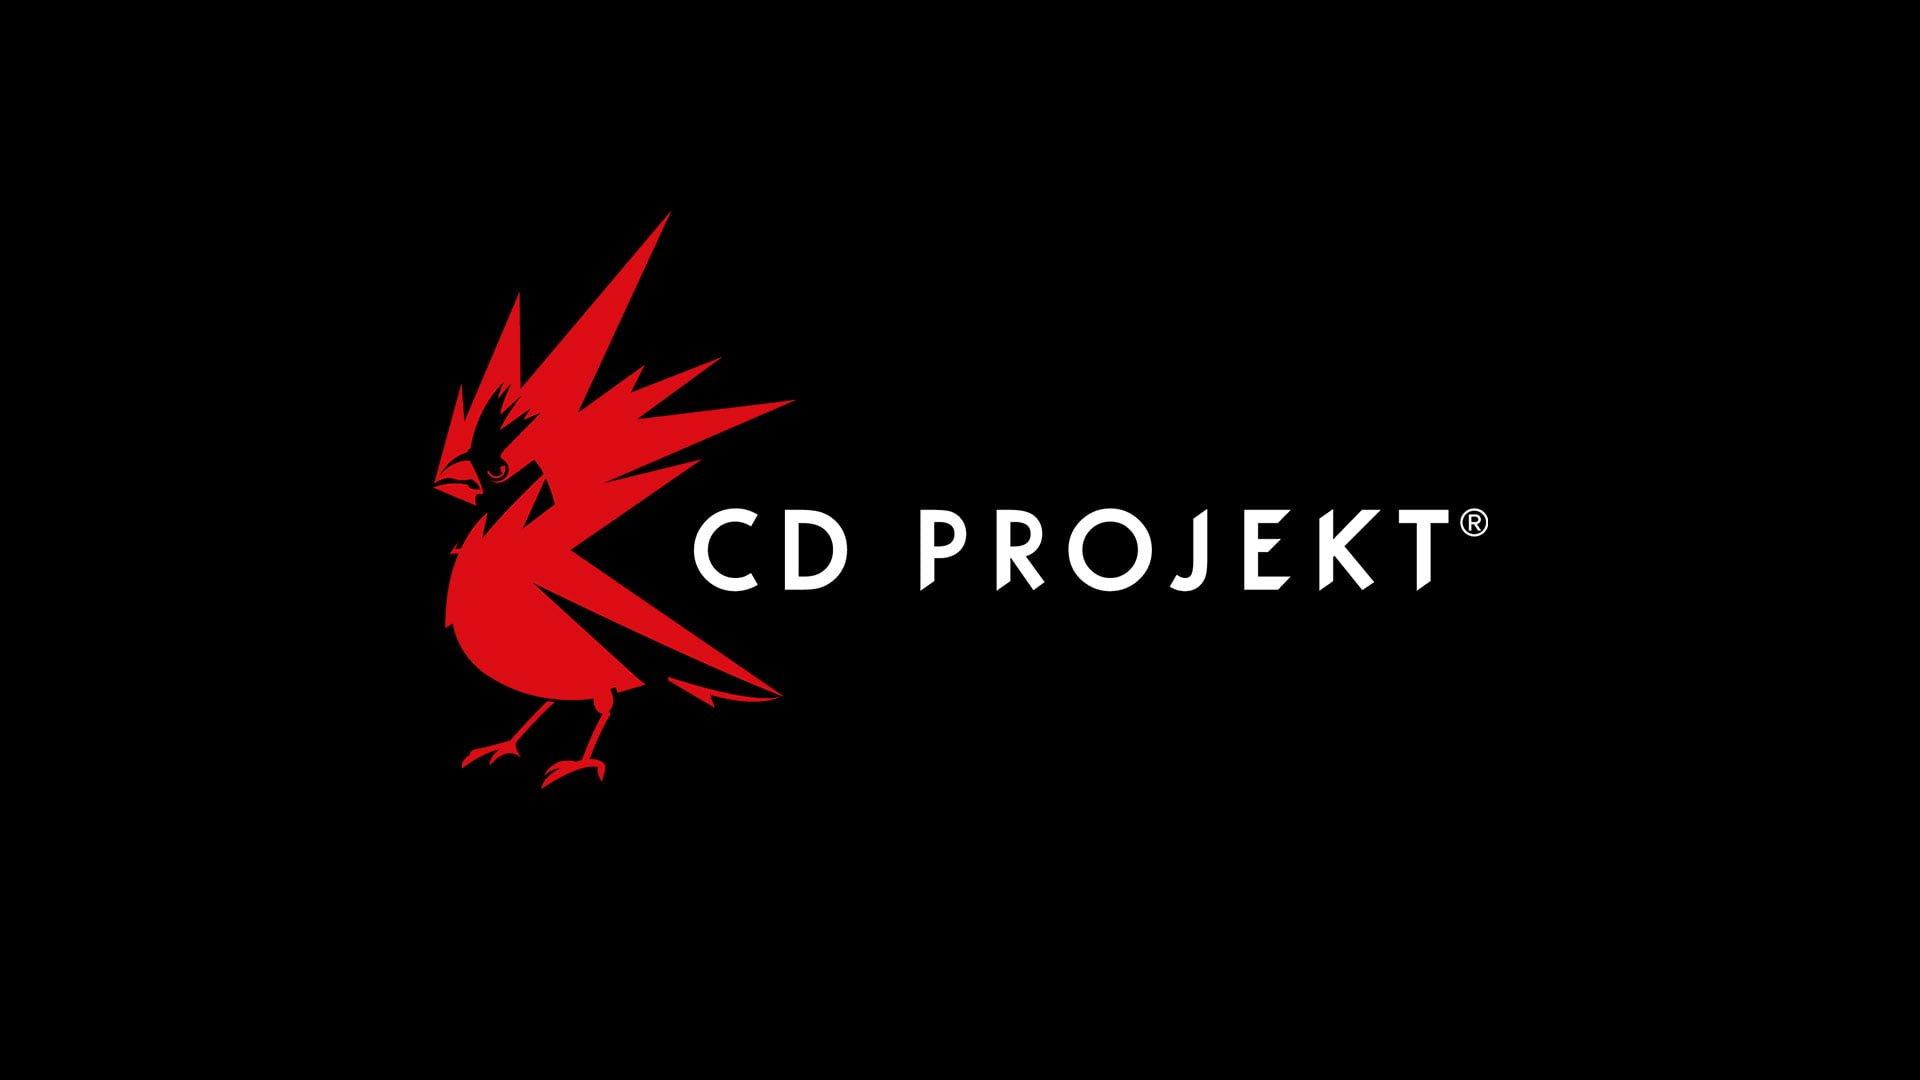 """Sony publikuje wideo o CD Projekt RED - firma jest """"źródłem narodowej dumy"""" 29"""